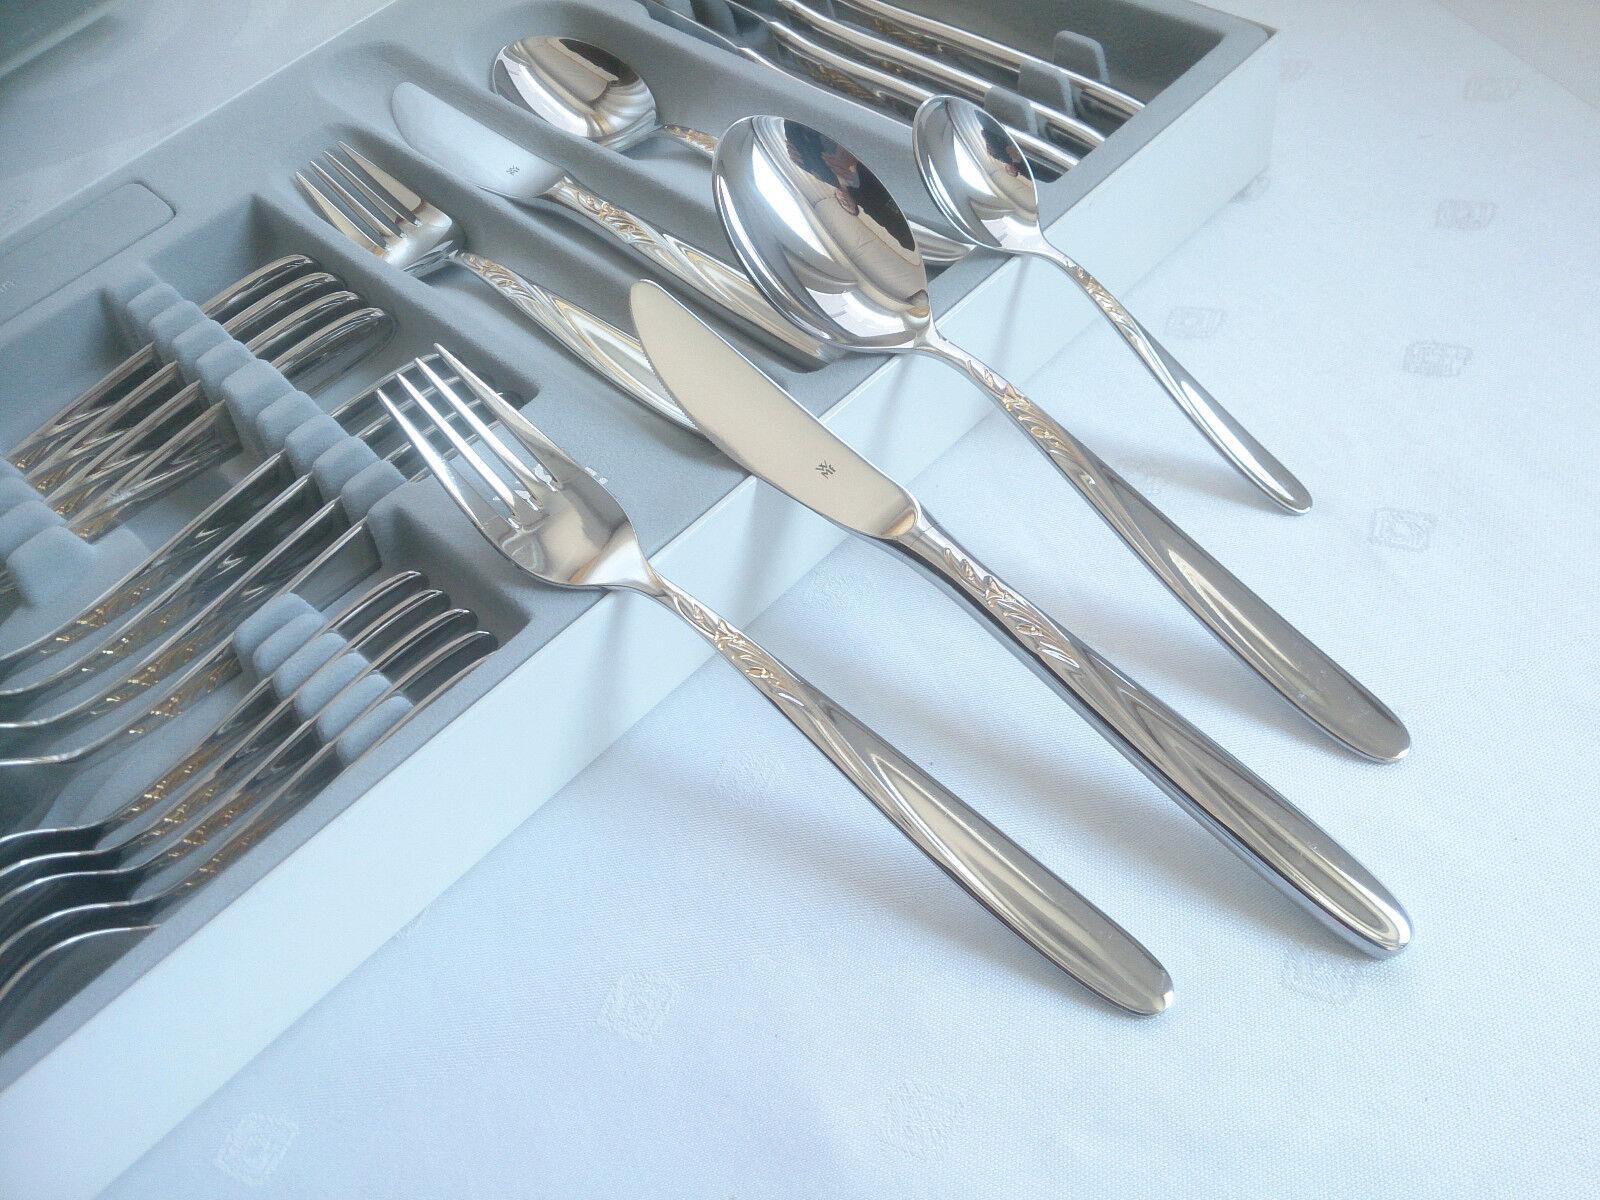 WMF Bologne Cromargan Couverts 24 Pièces Couteau Fourchette Cuillère Café Cuillère NEUF